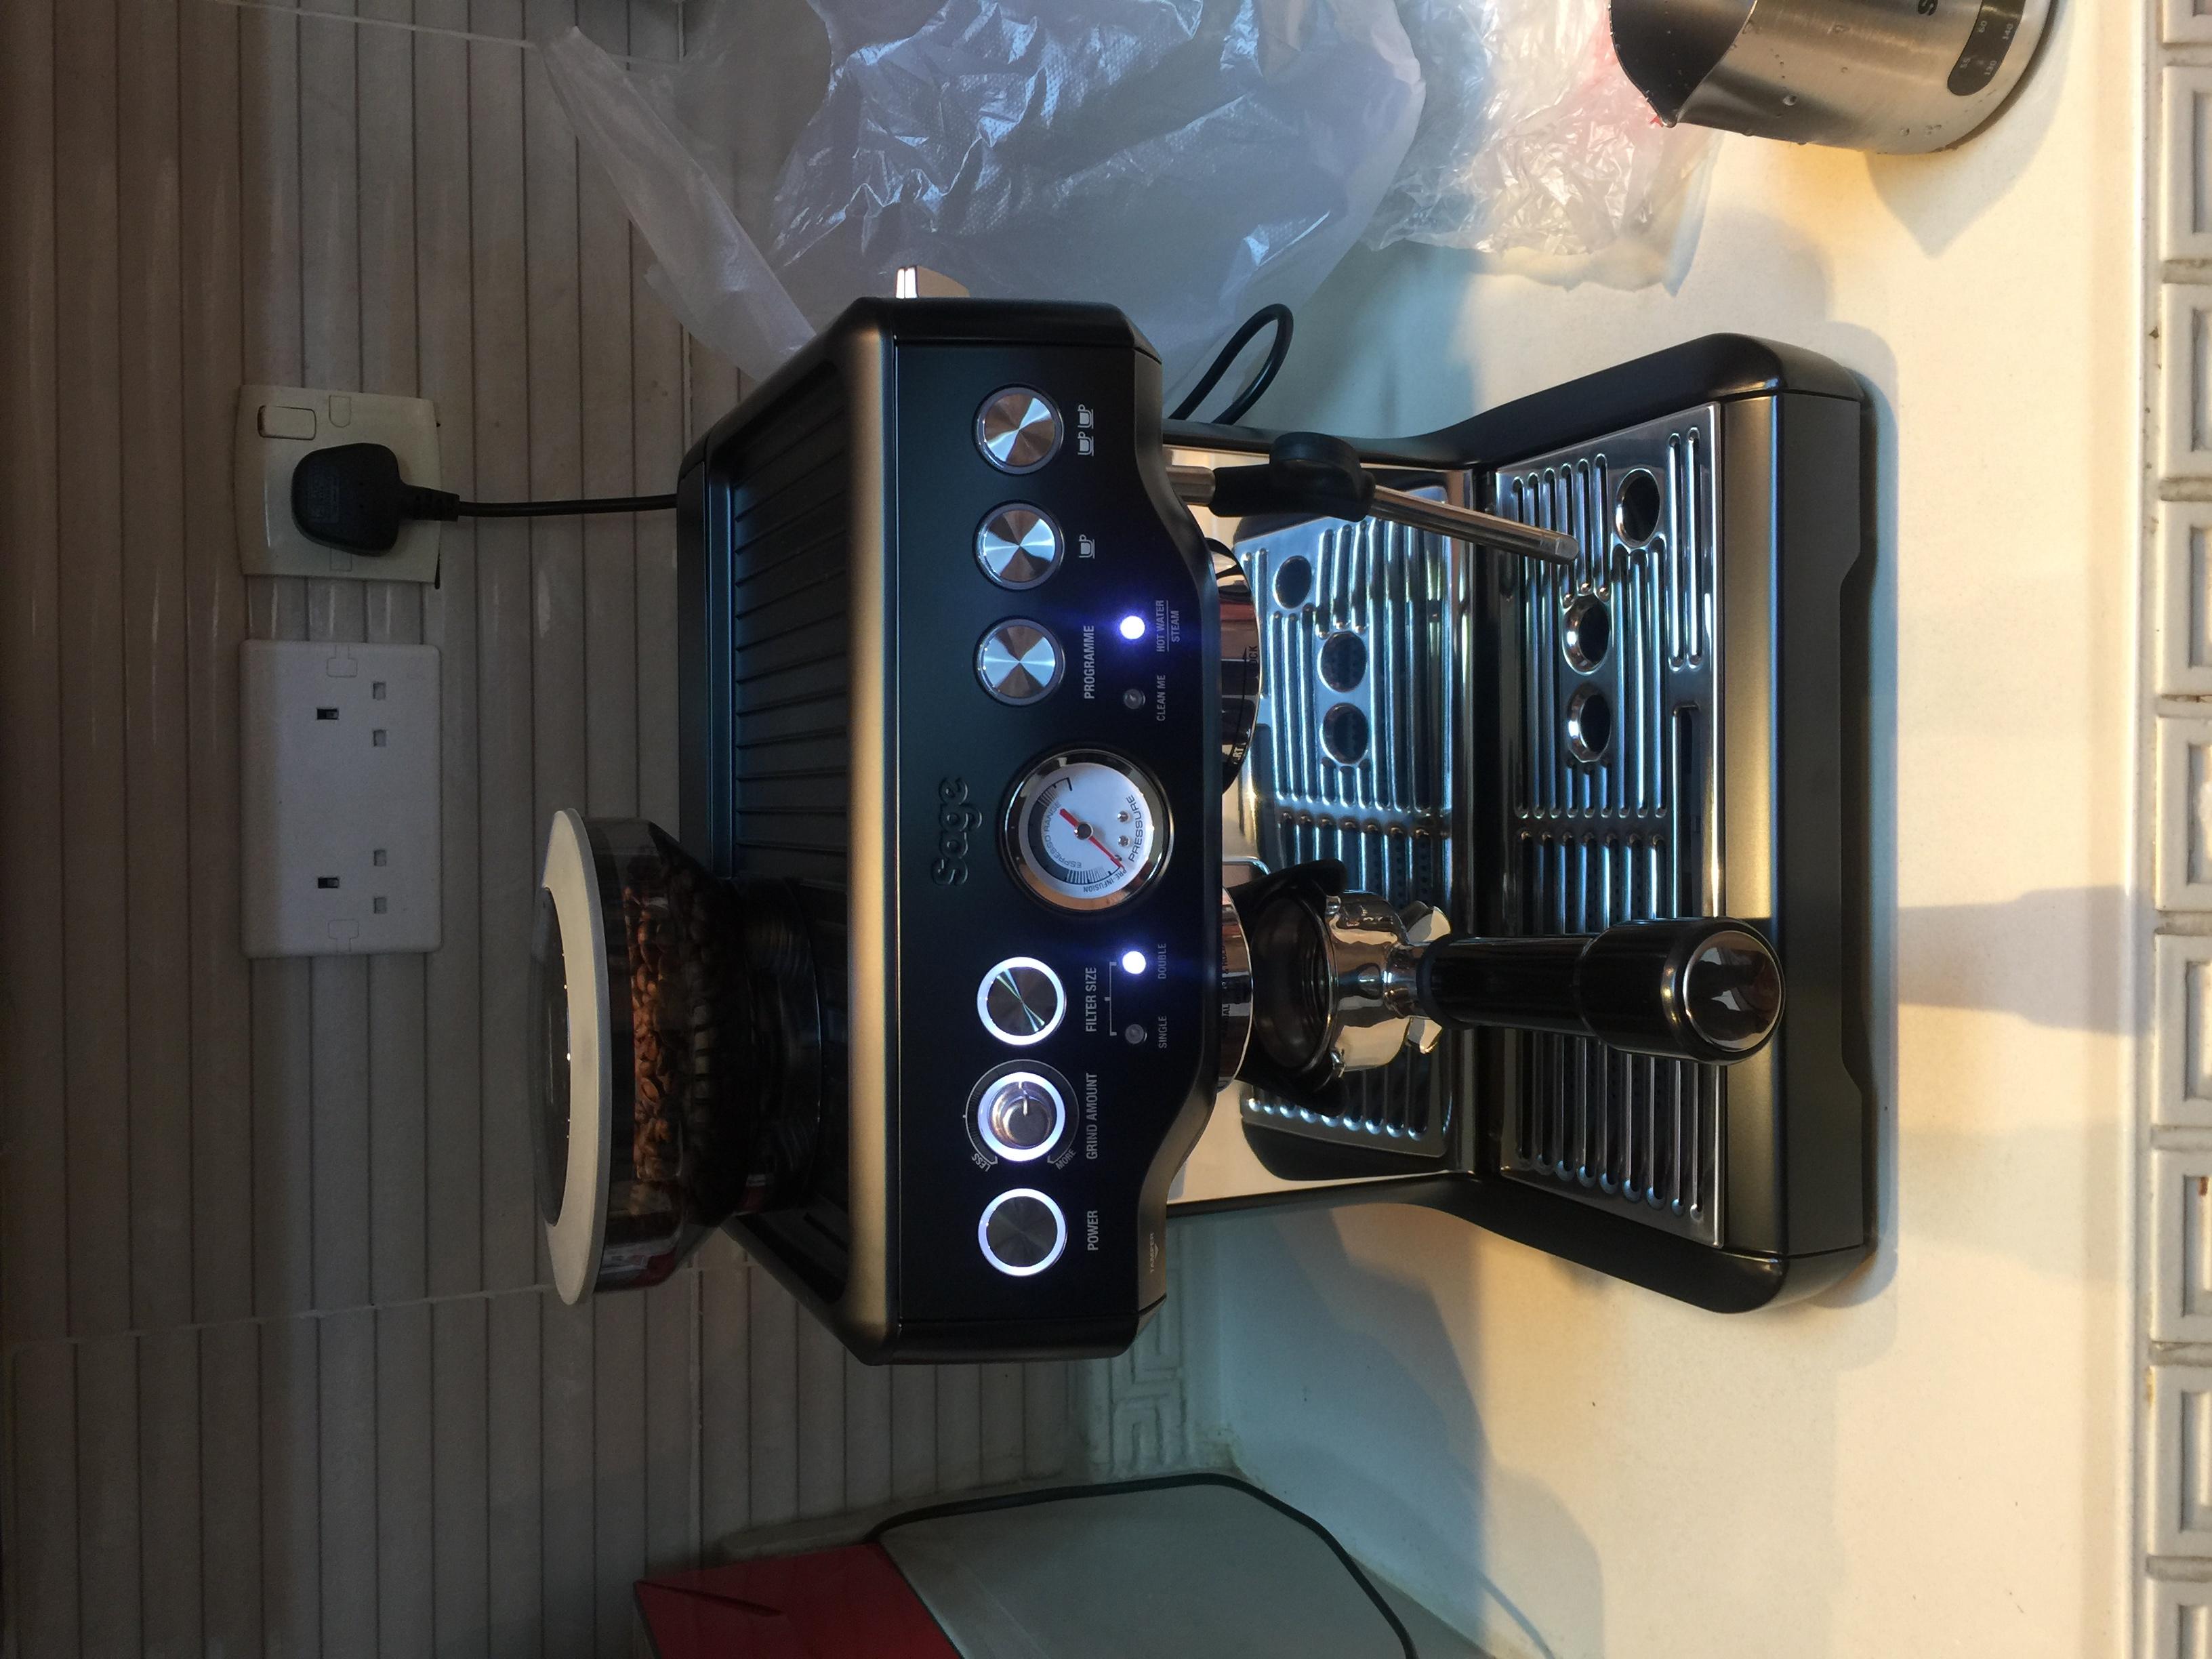 تجربة شراء مكينة قهوة Sage SES875BTR2GUK1 Barista Express Black Truffle10